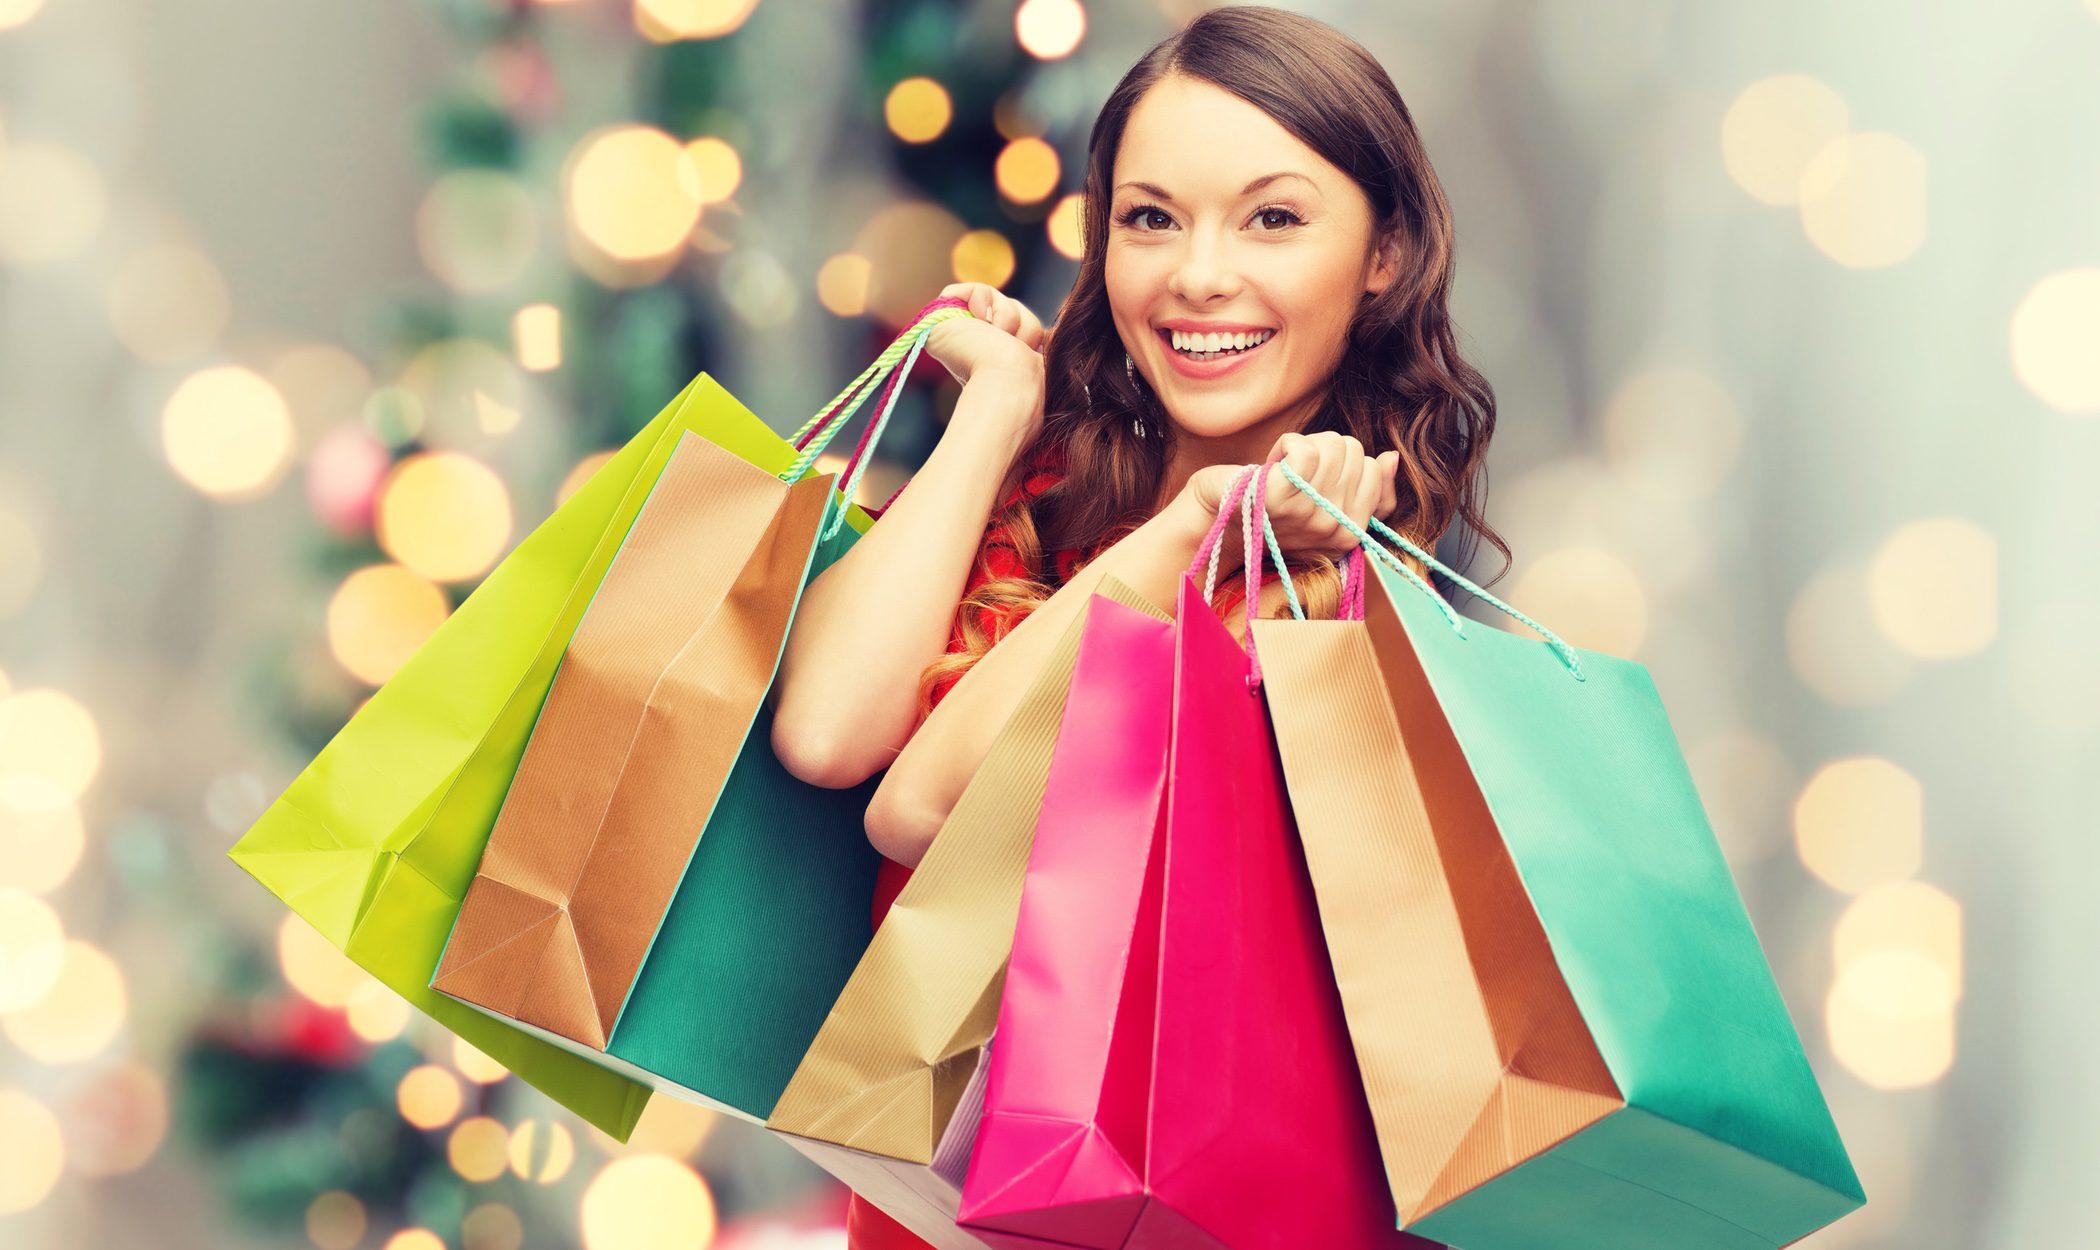 Aprovechar las rebajas de verano para comprar el look de Navidad ¿acierto o error?